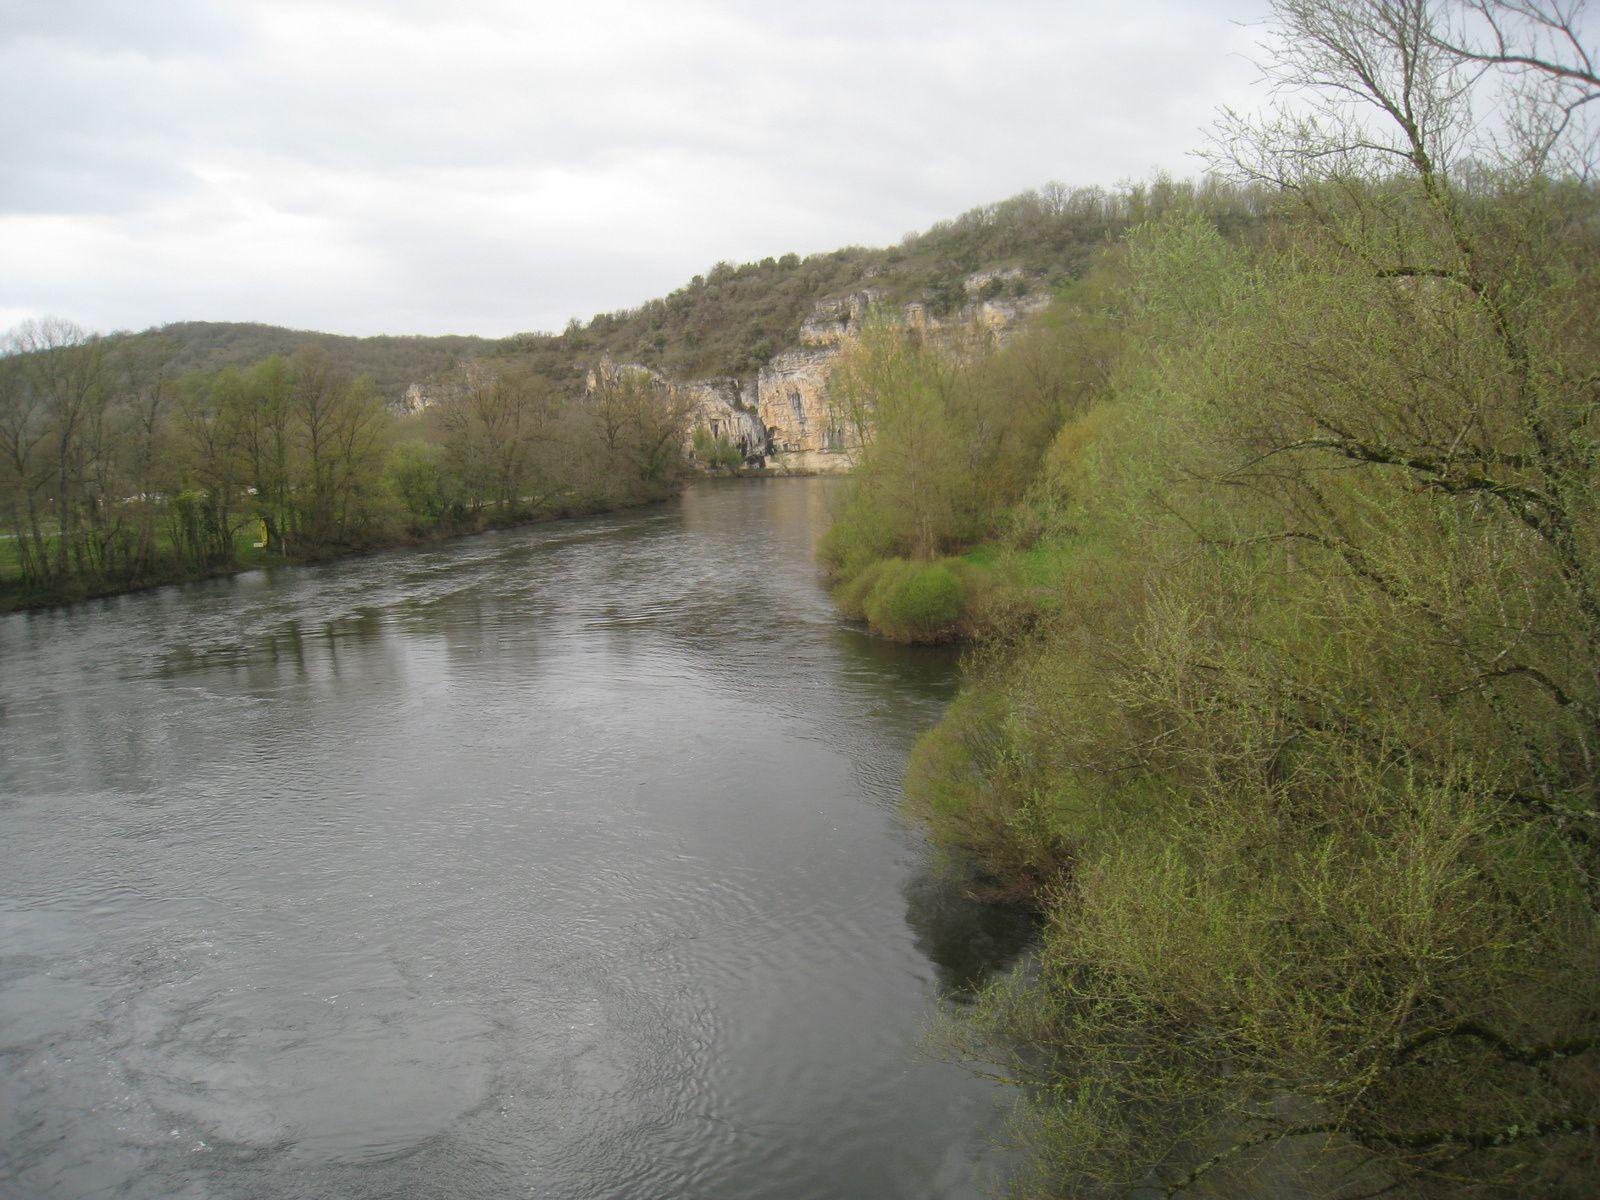 Une jolie vue sur la Dordogne et les falaises depuis le pont de Gluges.